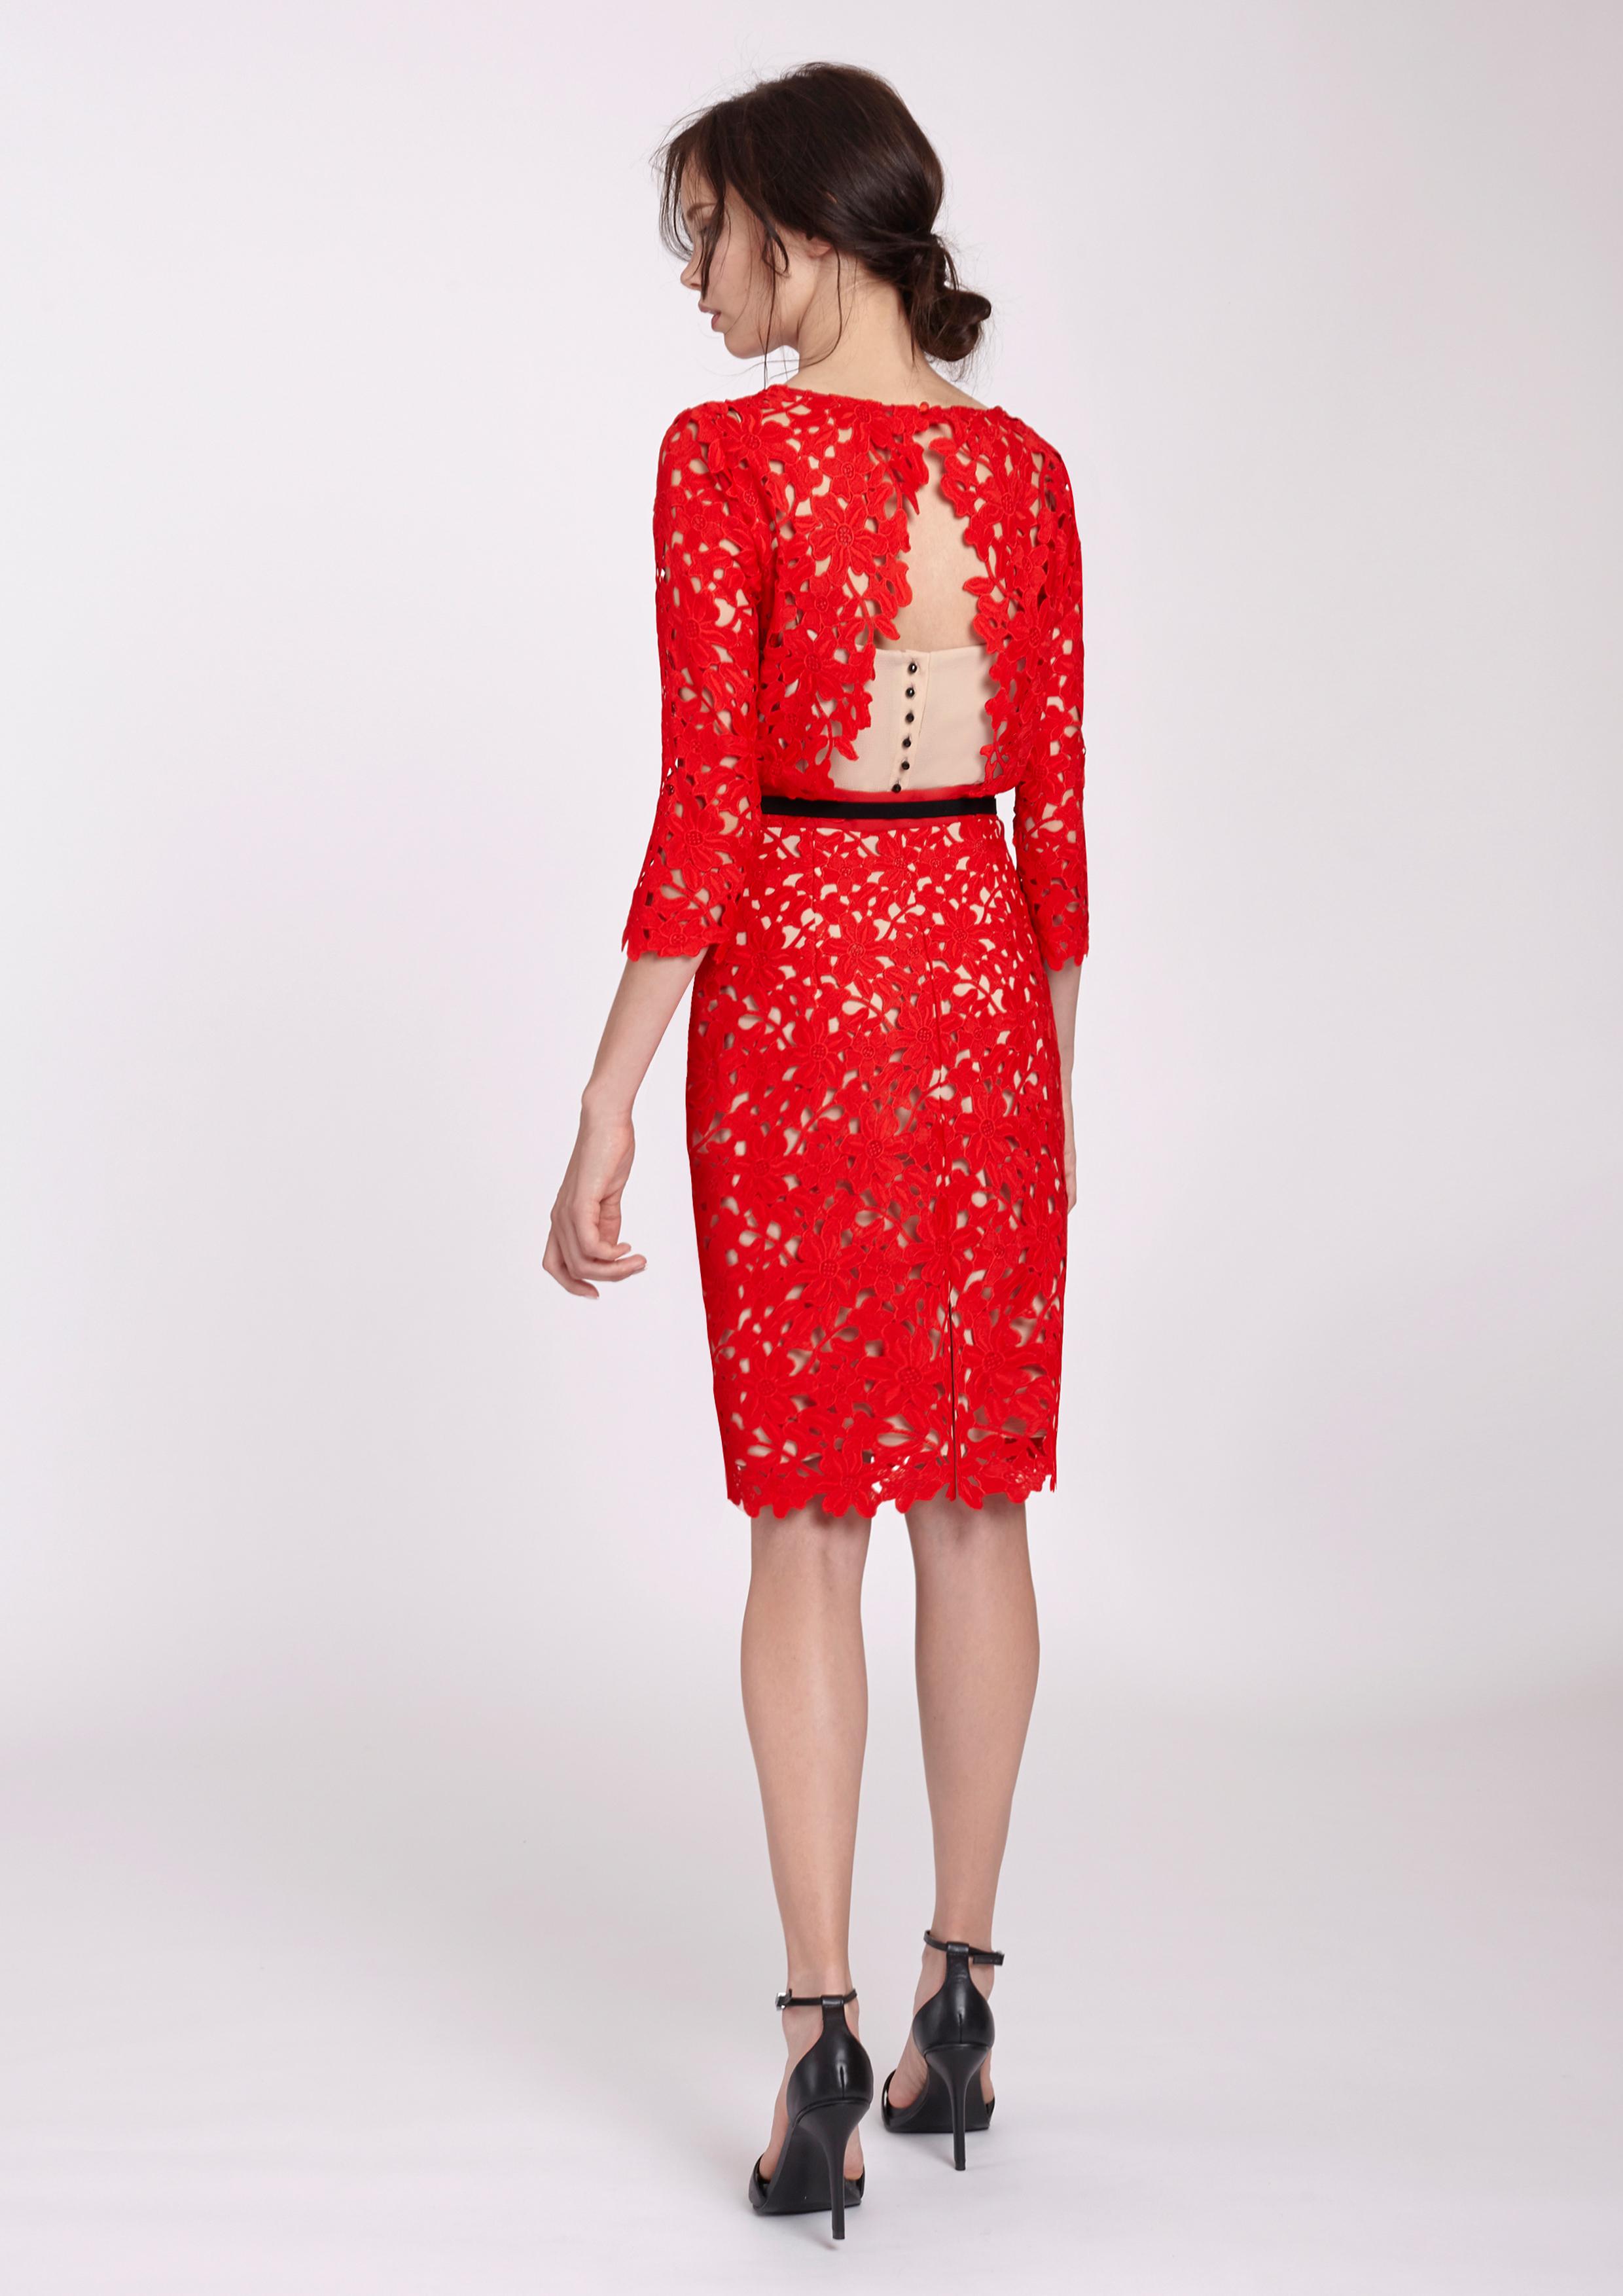 a4072b918 Vestido recto de guipur rojo